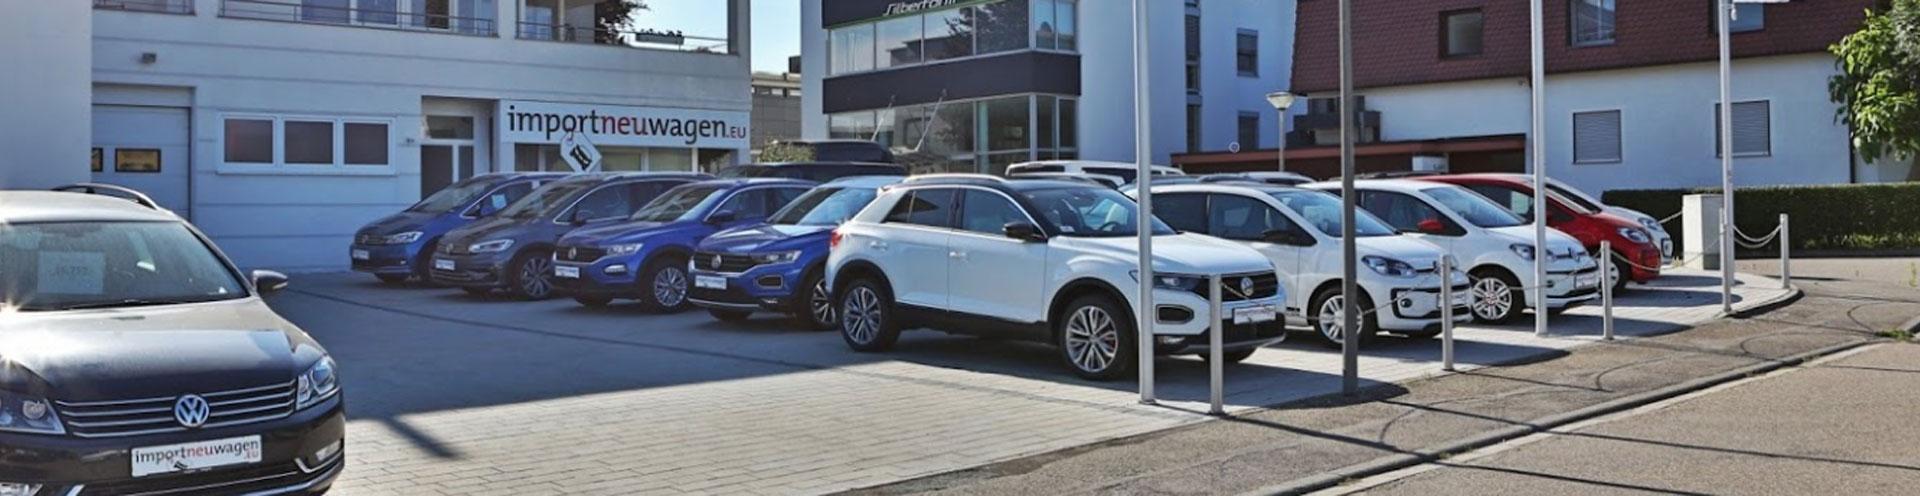 EU-Neuwagen und Reimporte günstig kaufen in Leonberg